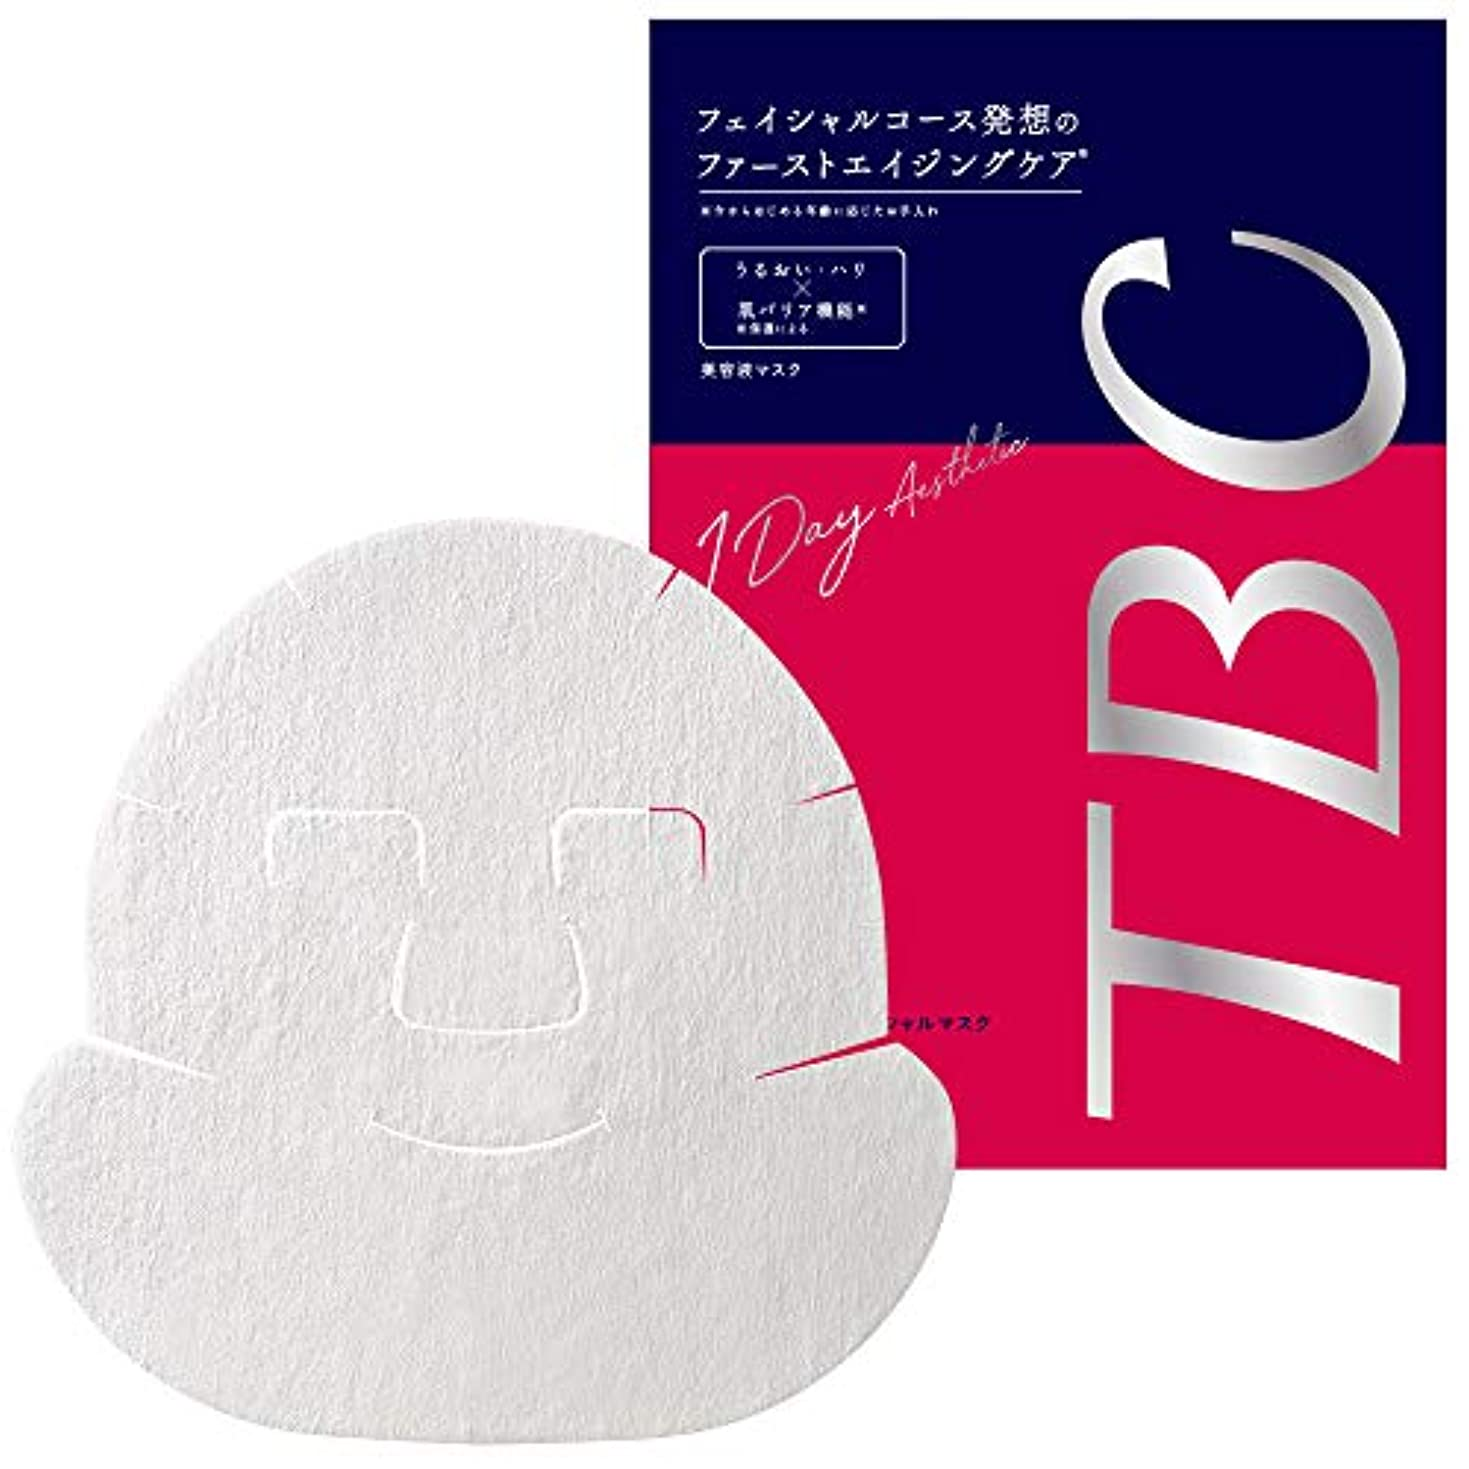 TBC エステティックフェイシャルマスク(1枚入り×5袋)